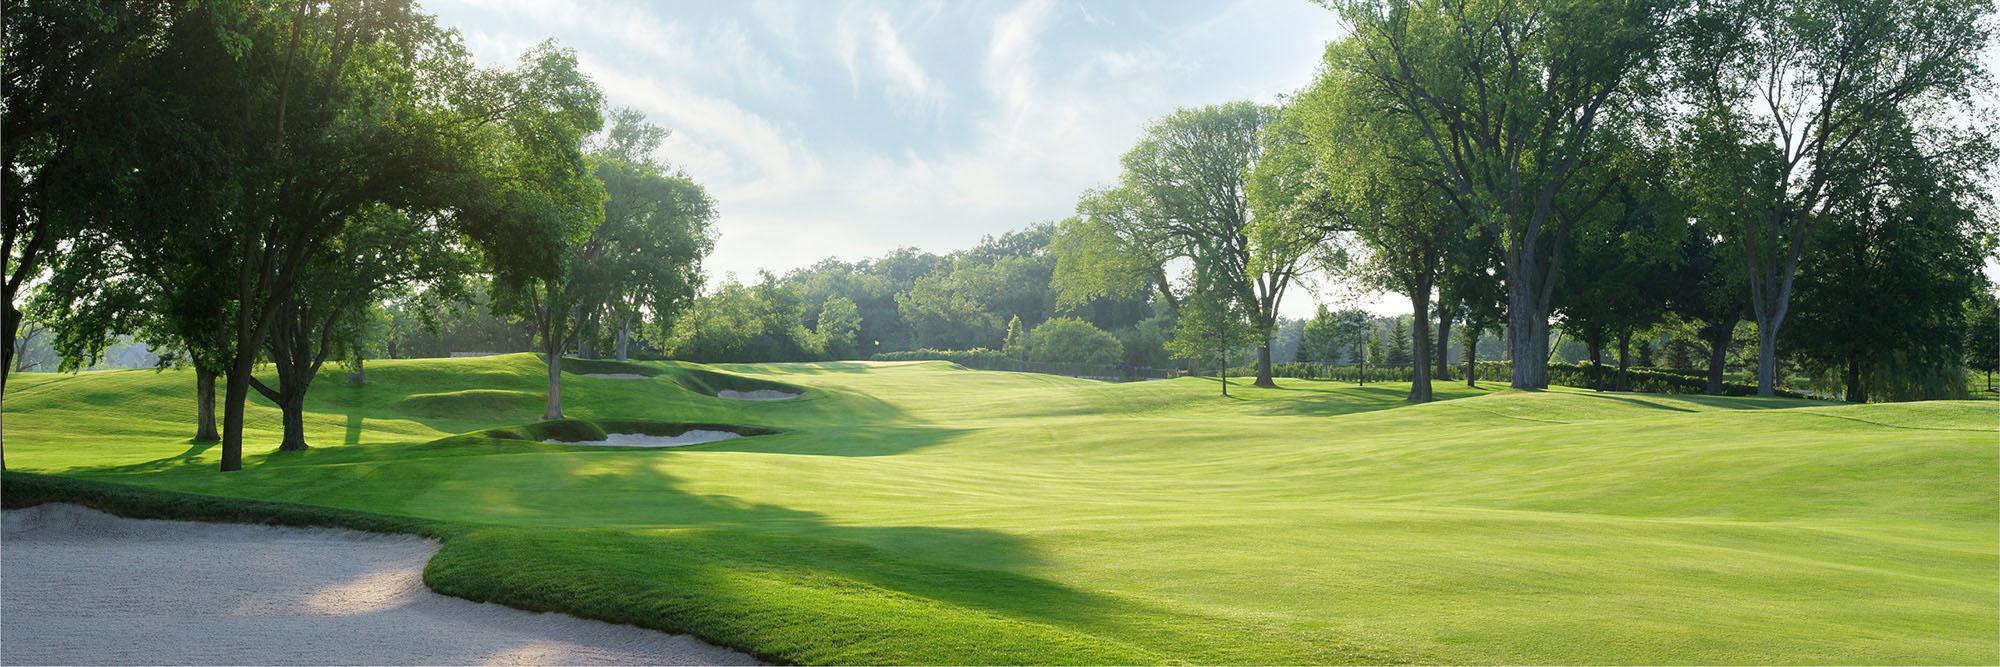 Golf Course Image - Interlachen No. 11